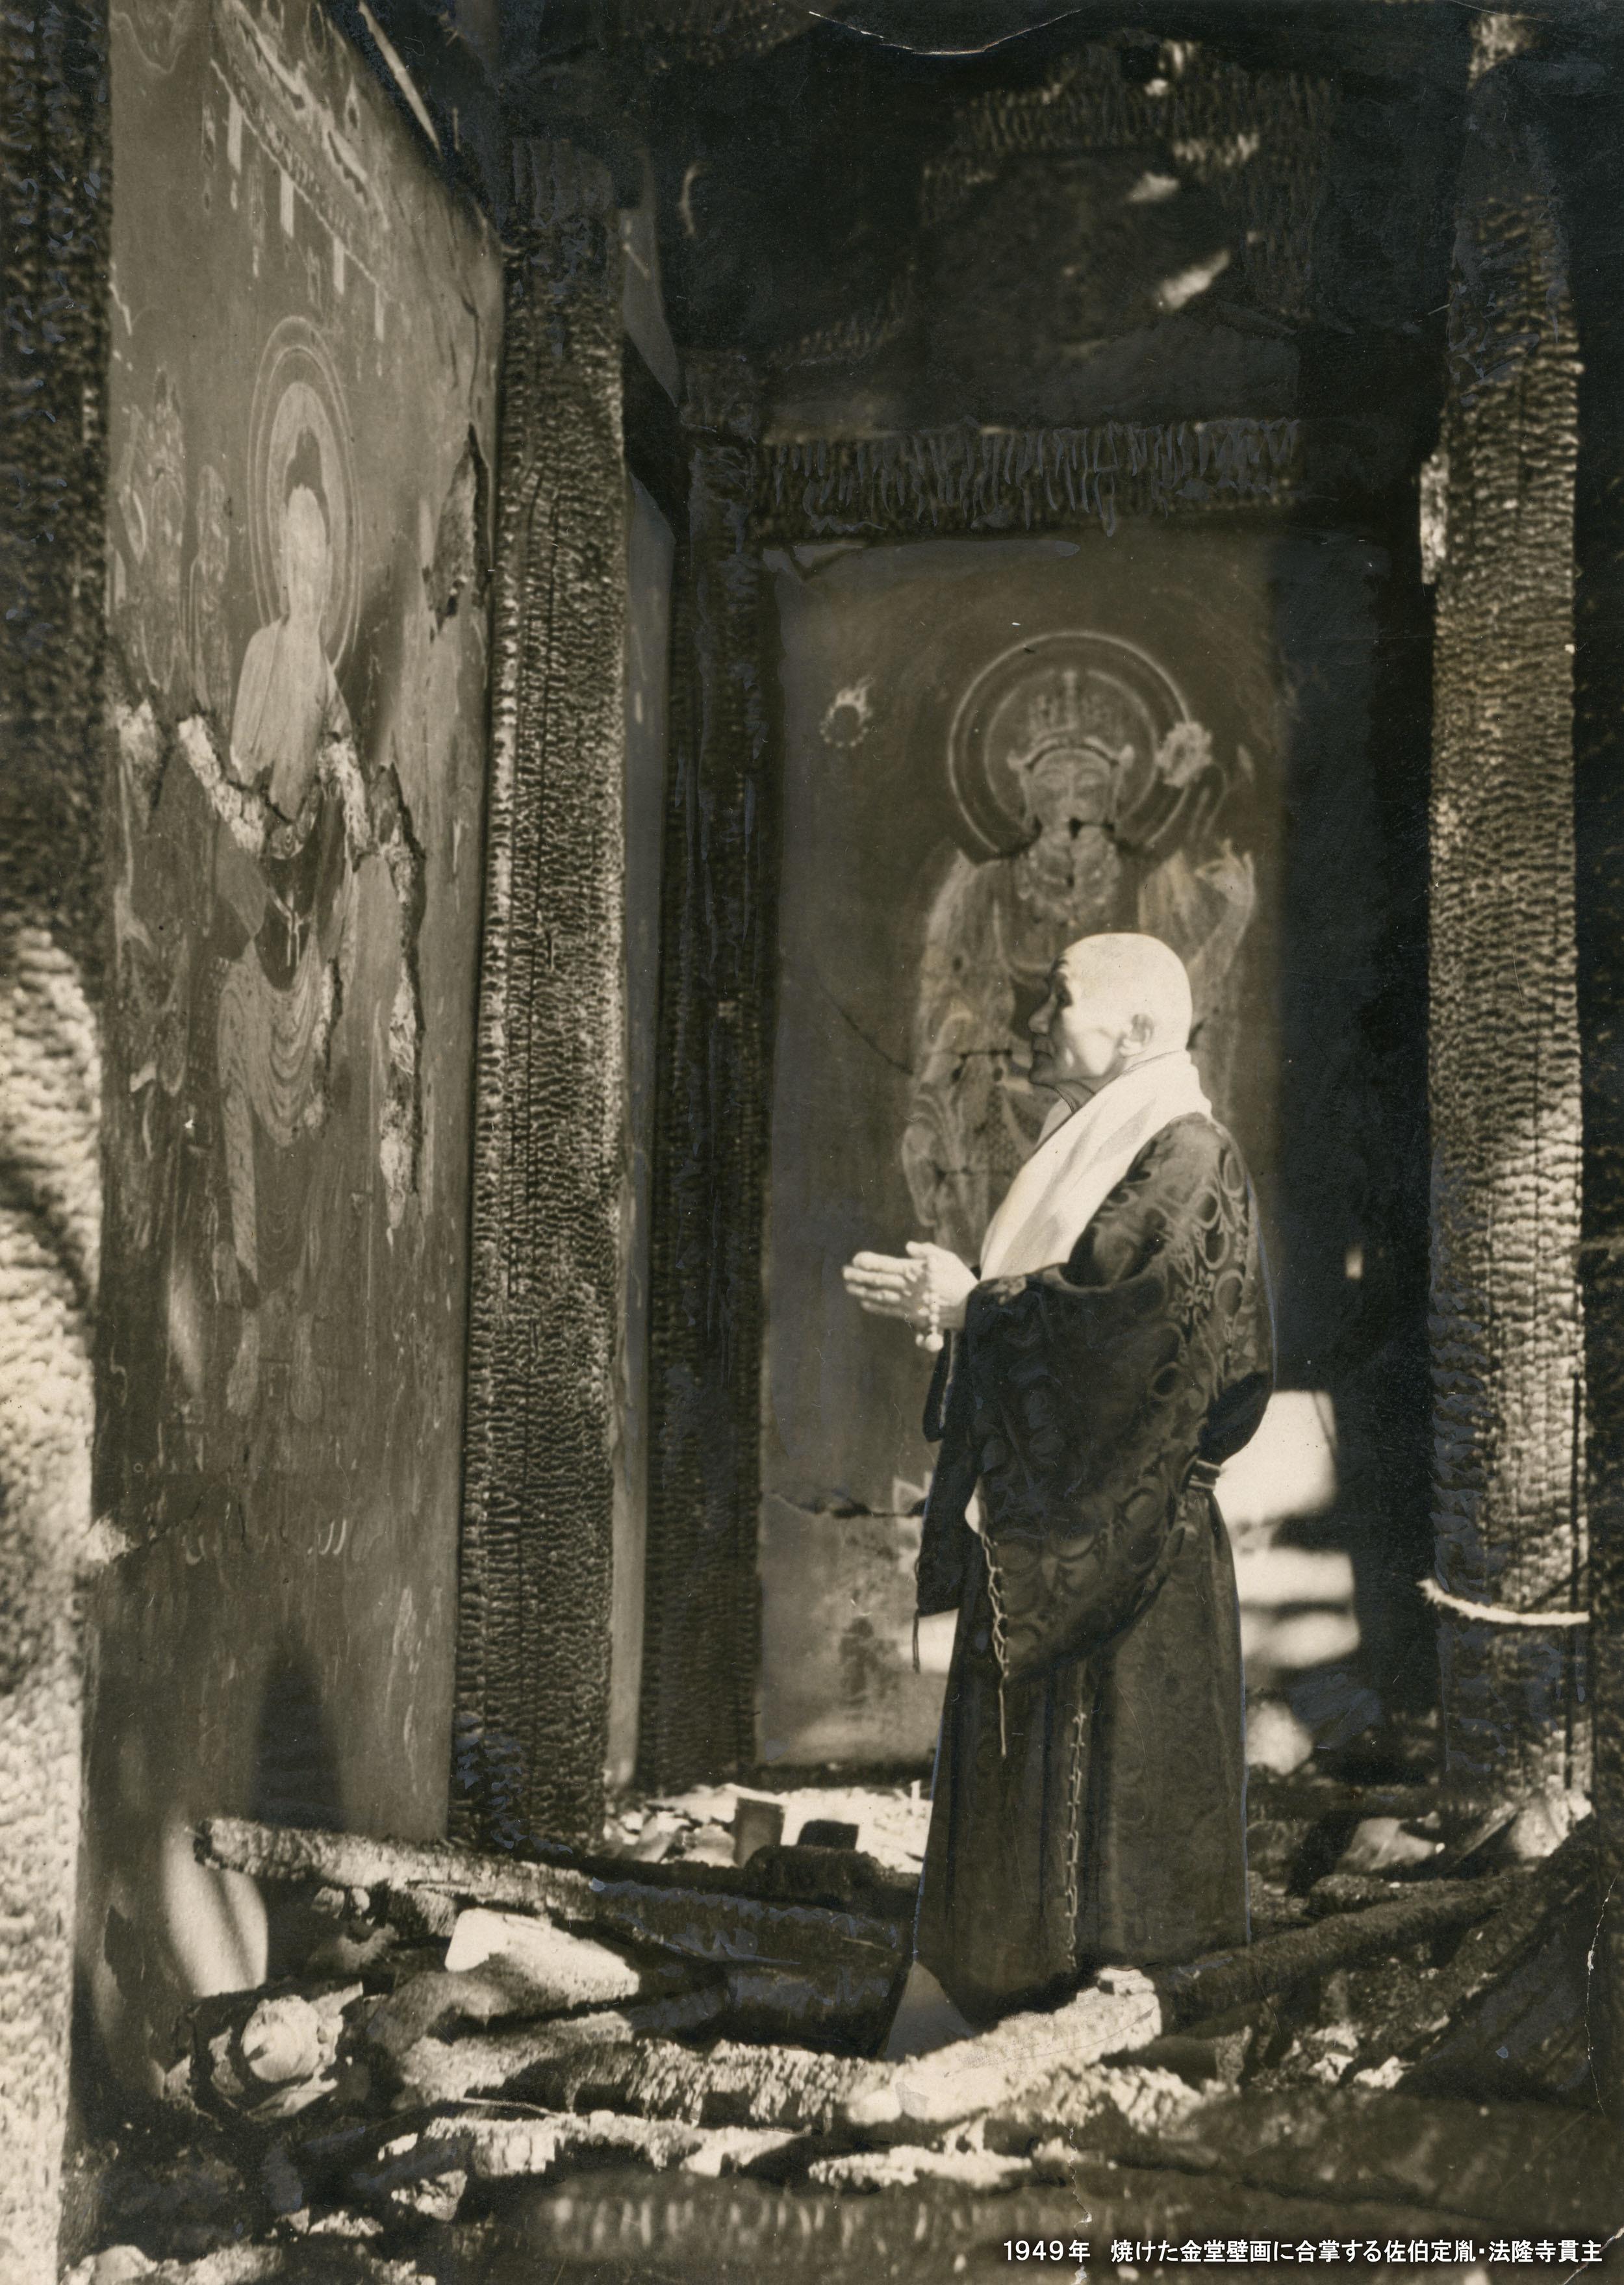 1949年 焼けた金堂壁画に合掌する佐伯定胤・法隆寺貫主